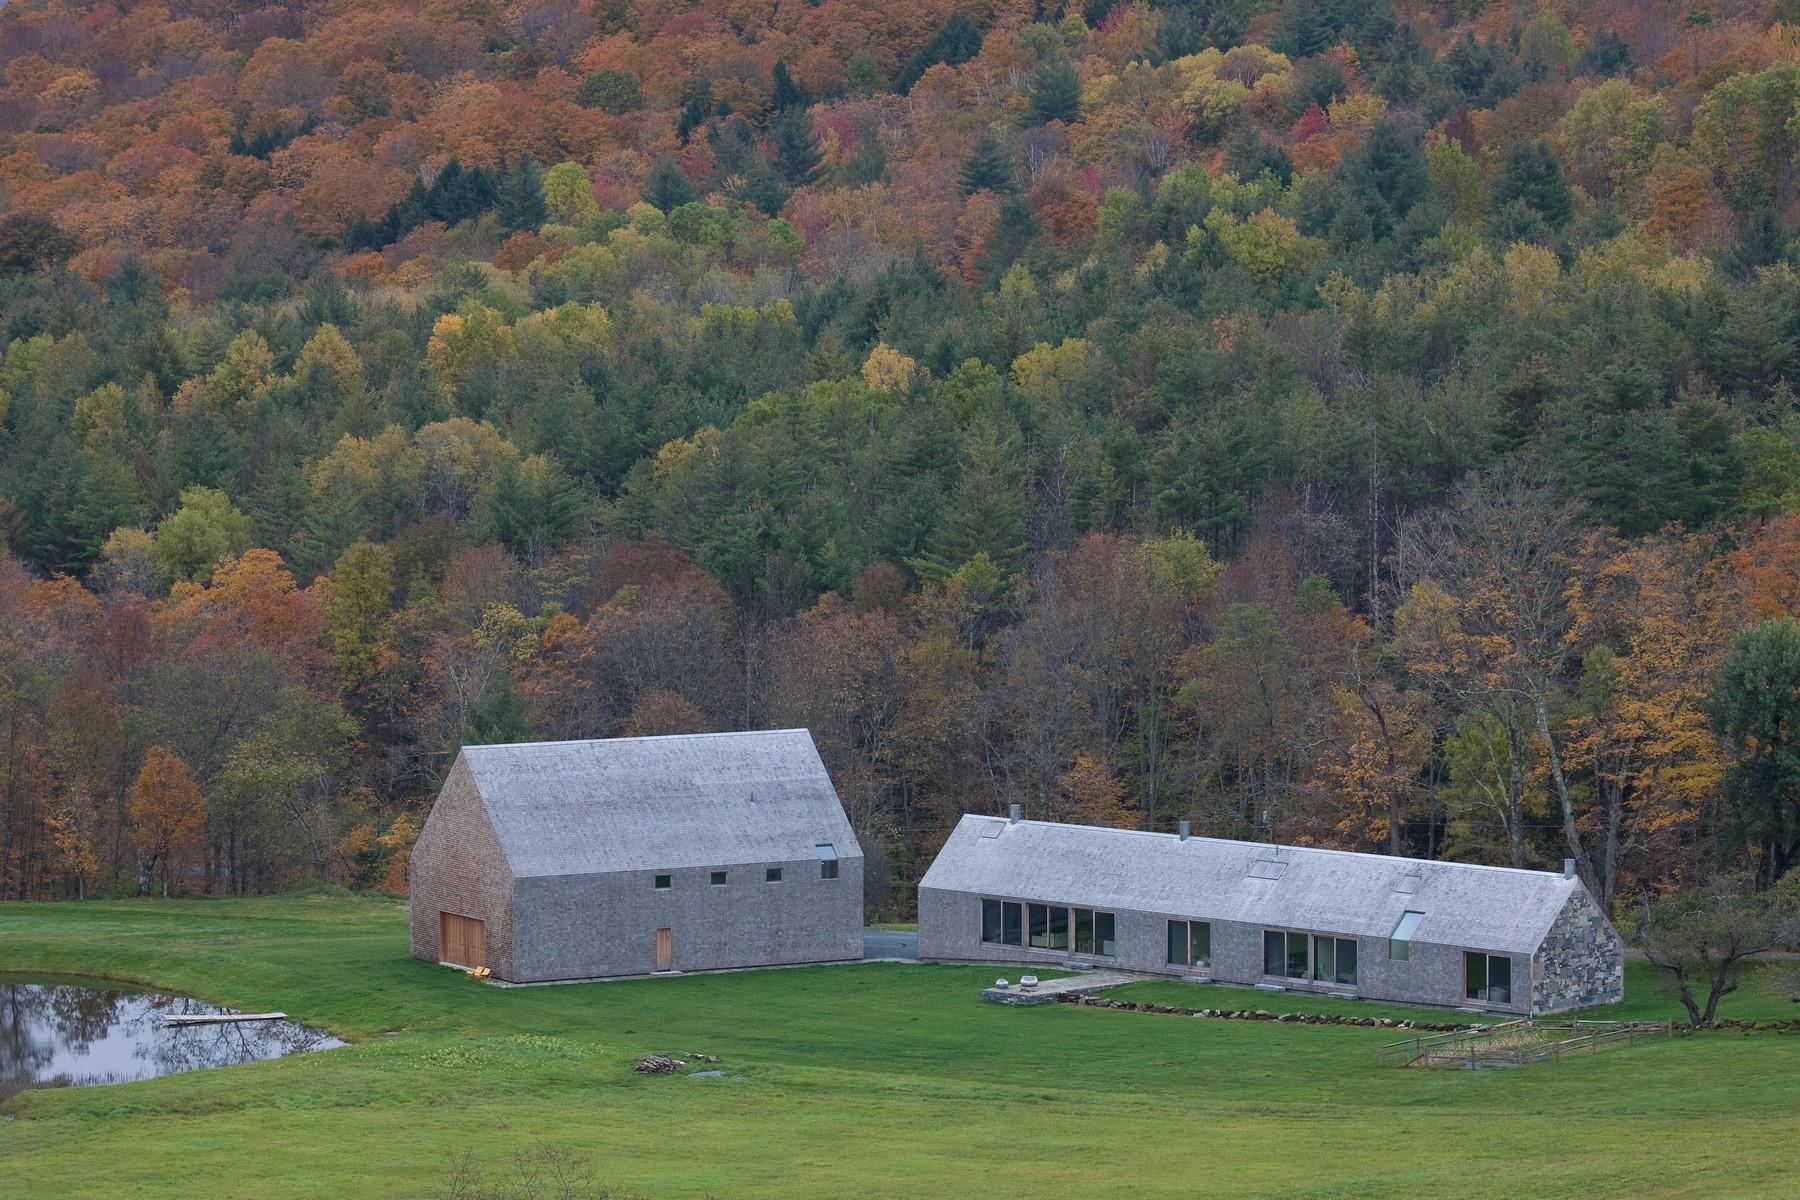 獨棟家庭住宅 為 出售 在 1959 Cox District Rd, Woodstock Woodstock, 佛蒙特州, 05091 美國